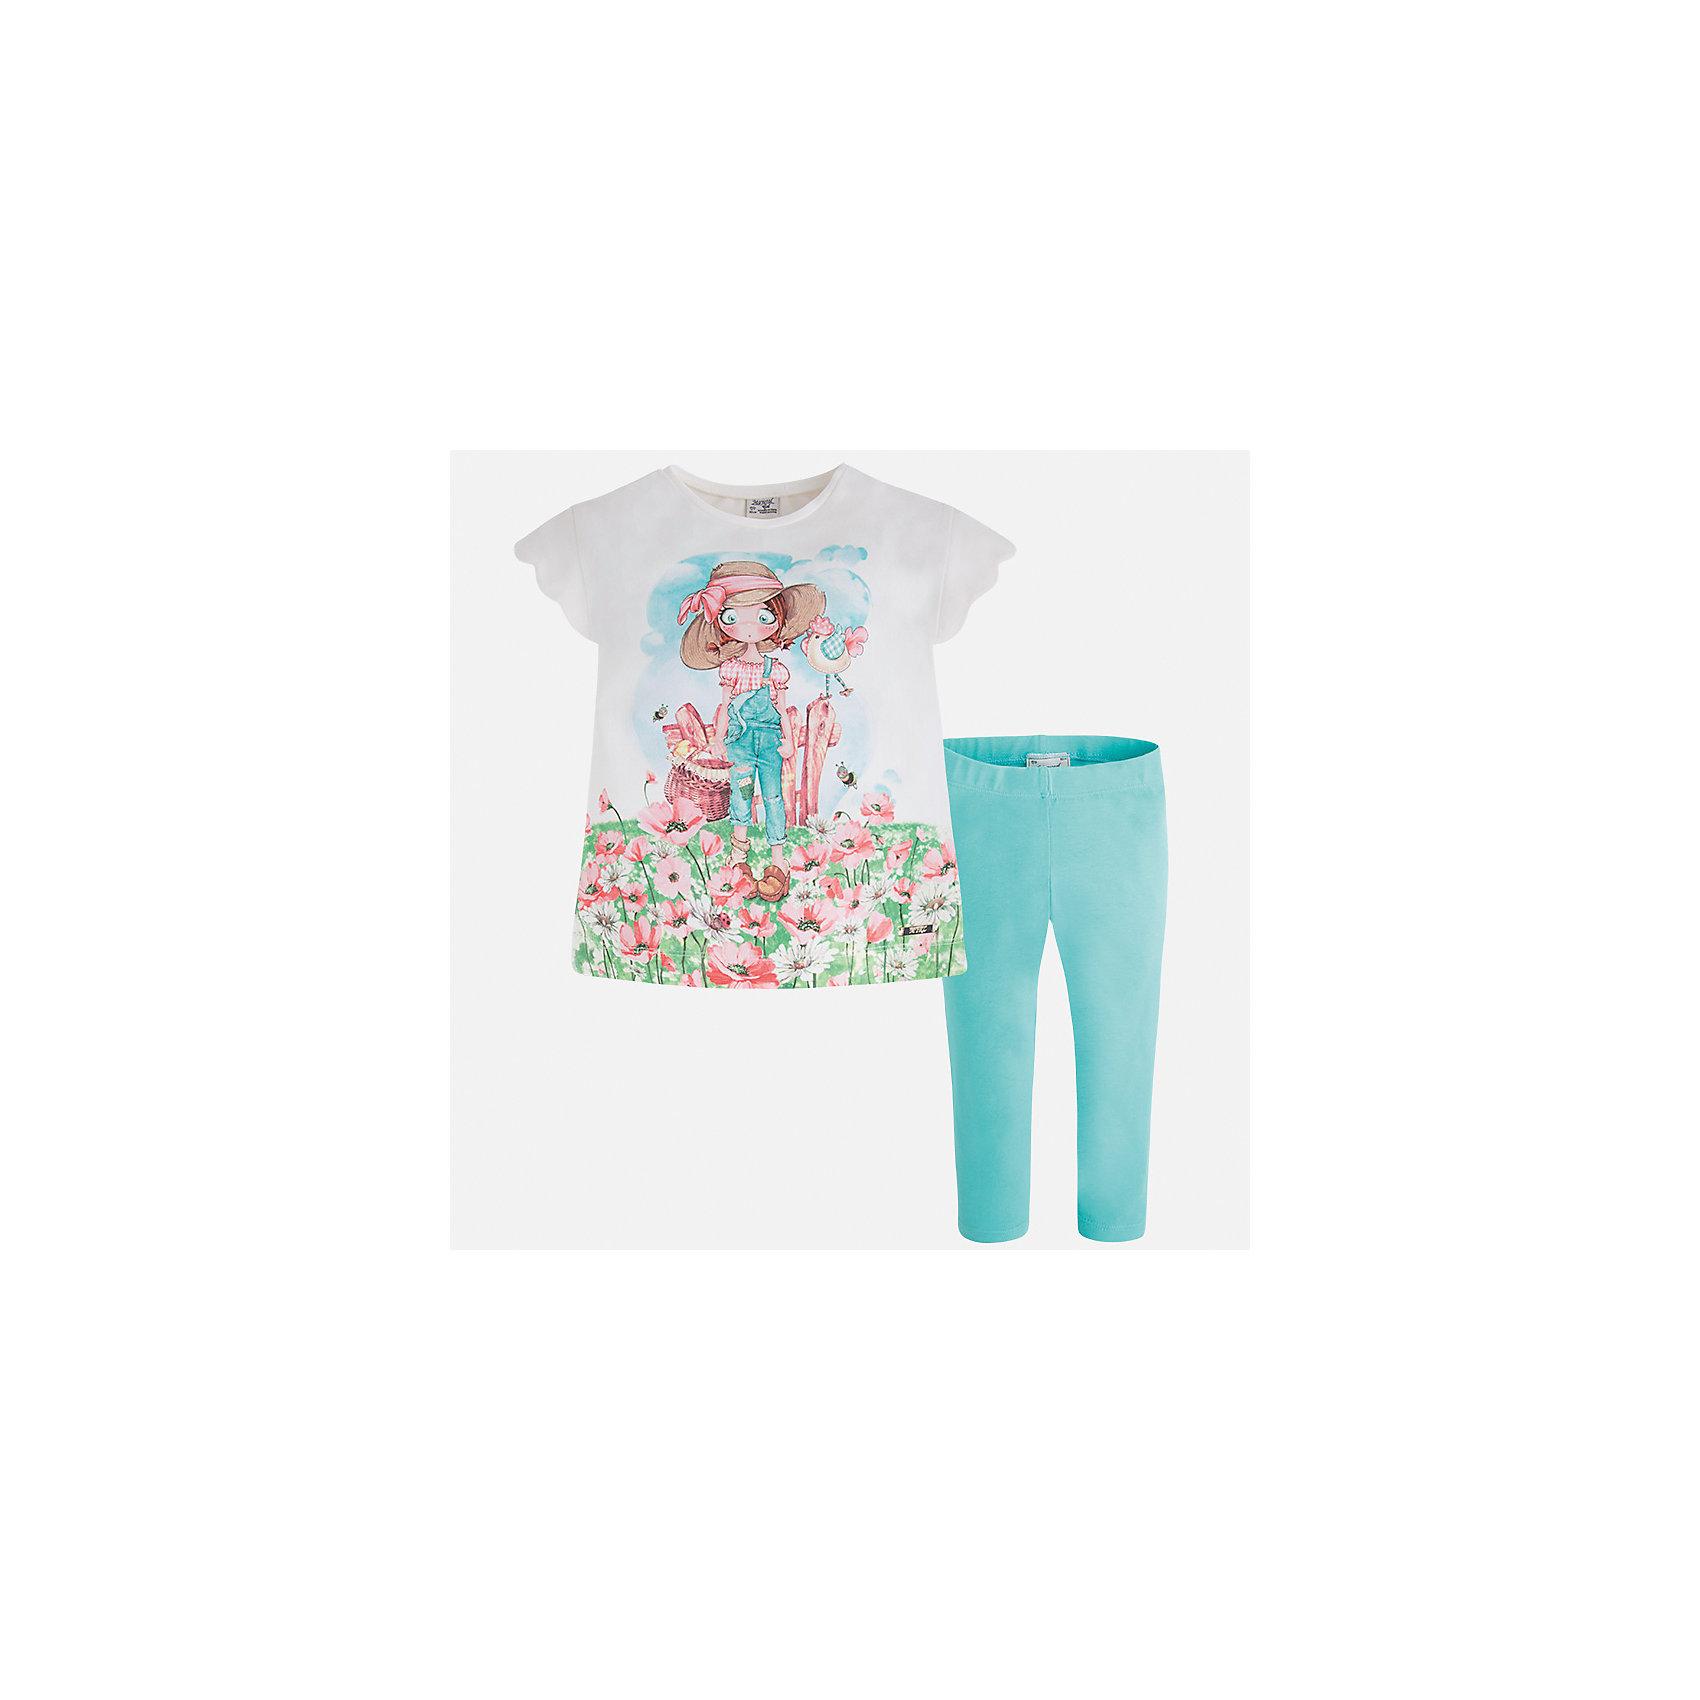 Комплект: футболка и леггинсы для девочки MayoralХарактеристики товара:<br><br>• цвет: белый/зеленый<br>• состав: 92% хлопок, 8% эластан<br>• комплектация: футболка, леггинсы<br>• футболка декорирована принтом <br>• леггинсы однотонные<br>• пояс на резинке<br>• страна бренда: Испания<br><br>Модный качественный комплект для девочки поможет разнообразить гардероб ребенка и удобно одеться в теплую погоду. Он отлично сочетается с другими предметами. Универсальный цвет позволяет подобрать к вещам верхнюю одежду практически любой расцветки. Интересная отделка модели делает её нарядной и оригинальной. В составе материала - натуральный хлопок, гипоаллергенный, приятный на ощупь, дышащий.<br><br>Одежда, обувь и аксессуары от испанского бренда Mayoral полюбились детям и взрослым по всему миру. Модели этой марки - стильные и удобные. Для их производства используются только безопасные, качественные материалы и фурнитура. Порадуйте ребенка модными и красивыми вещами от Mayoral! <br><br>Комплект для девочки от испанского бренда Mayoral (Майорал) можно купить в нашем интернет-магазине.<br><br>Ширина мм: 123<br>Глубина мм: 10<br>Высота мм: 149<br>Вес г: 209<br>Цвет: синий<br>Возраст от месяцев: 18<br>Возраст до месяцев: 24<br>Пол: Женский<br>Возраст: Детский<br>Размер: 92,134,98,104,110,116,122,128<br>SKU: 5290586